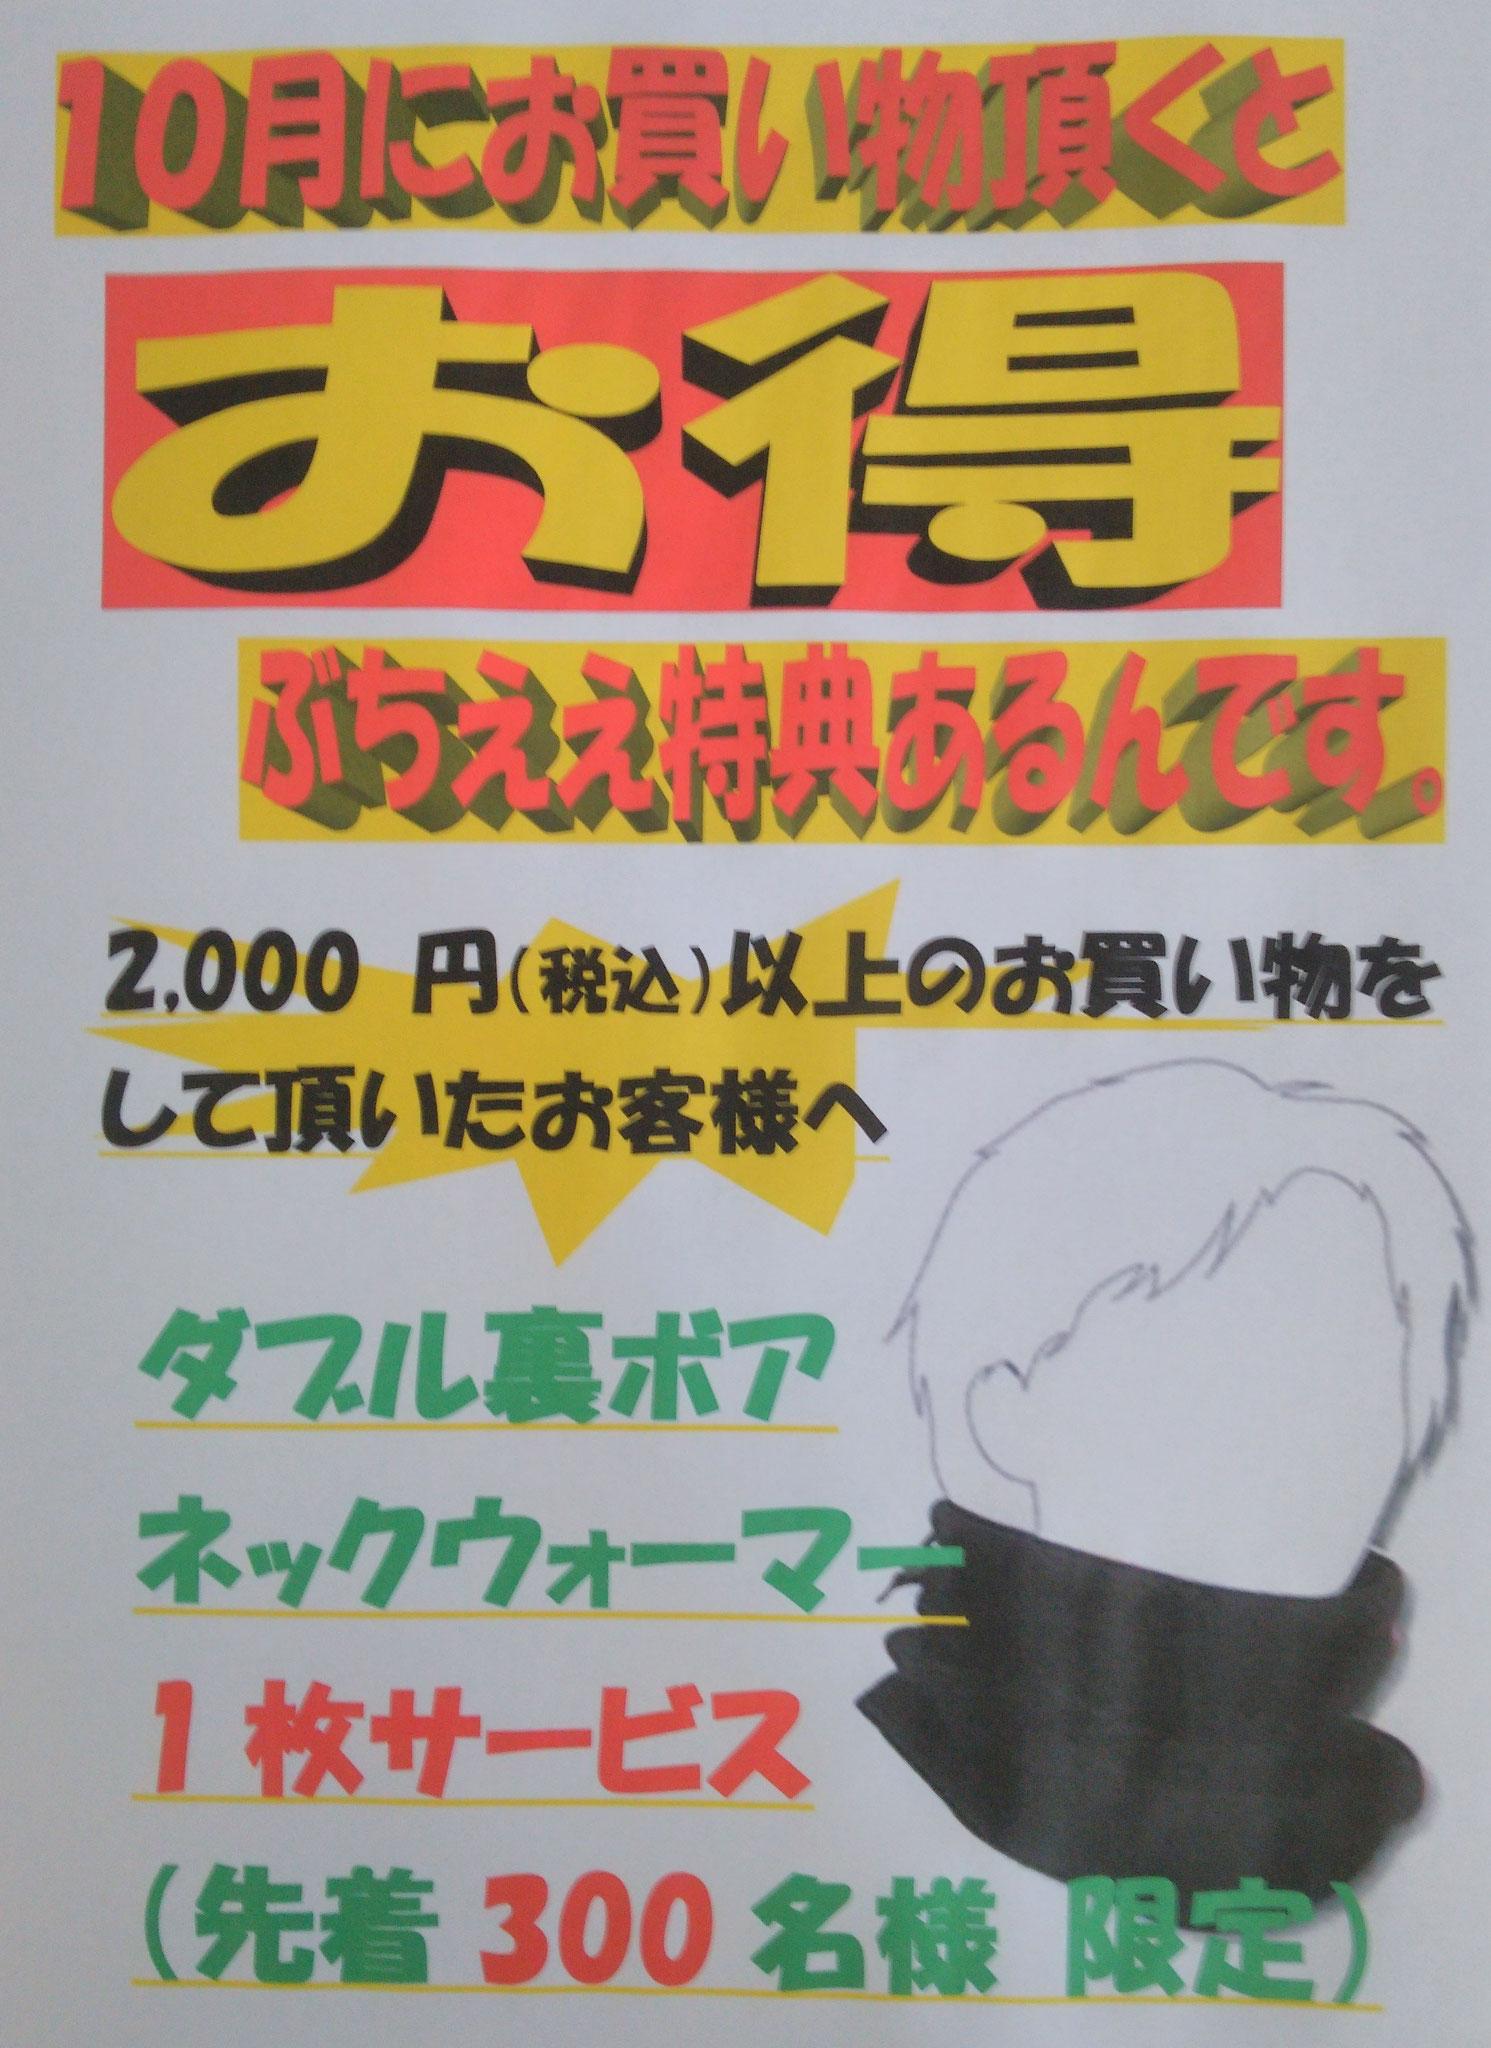 10月のイベント 2000円(税込)以上お買い物して頂くと、ダブル裏ボアネックウォーマープレゼント!!